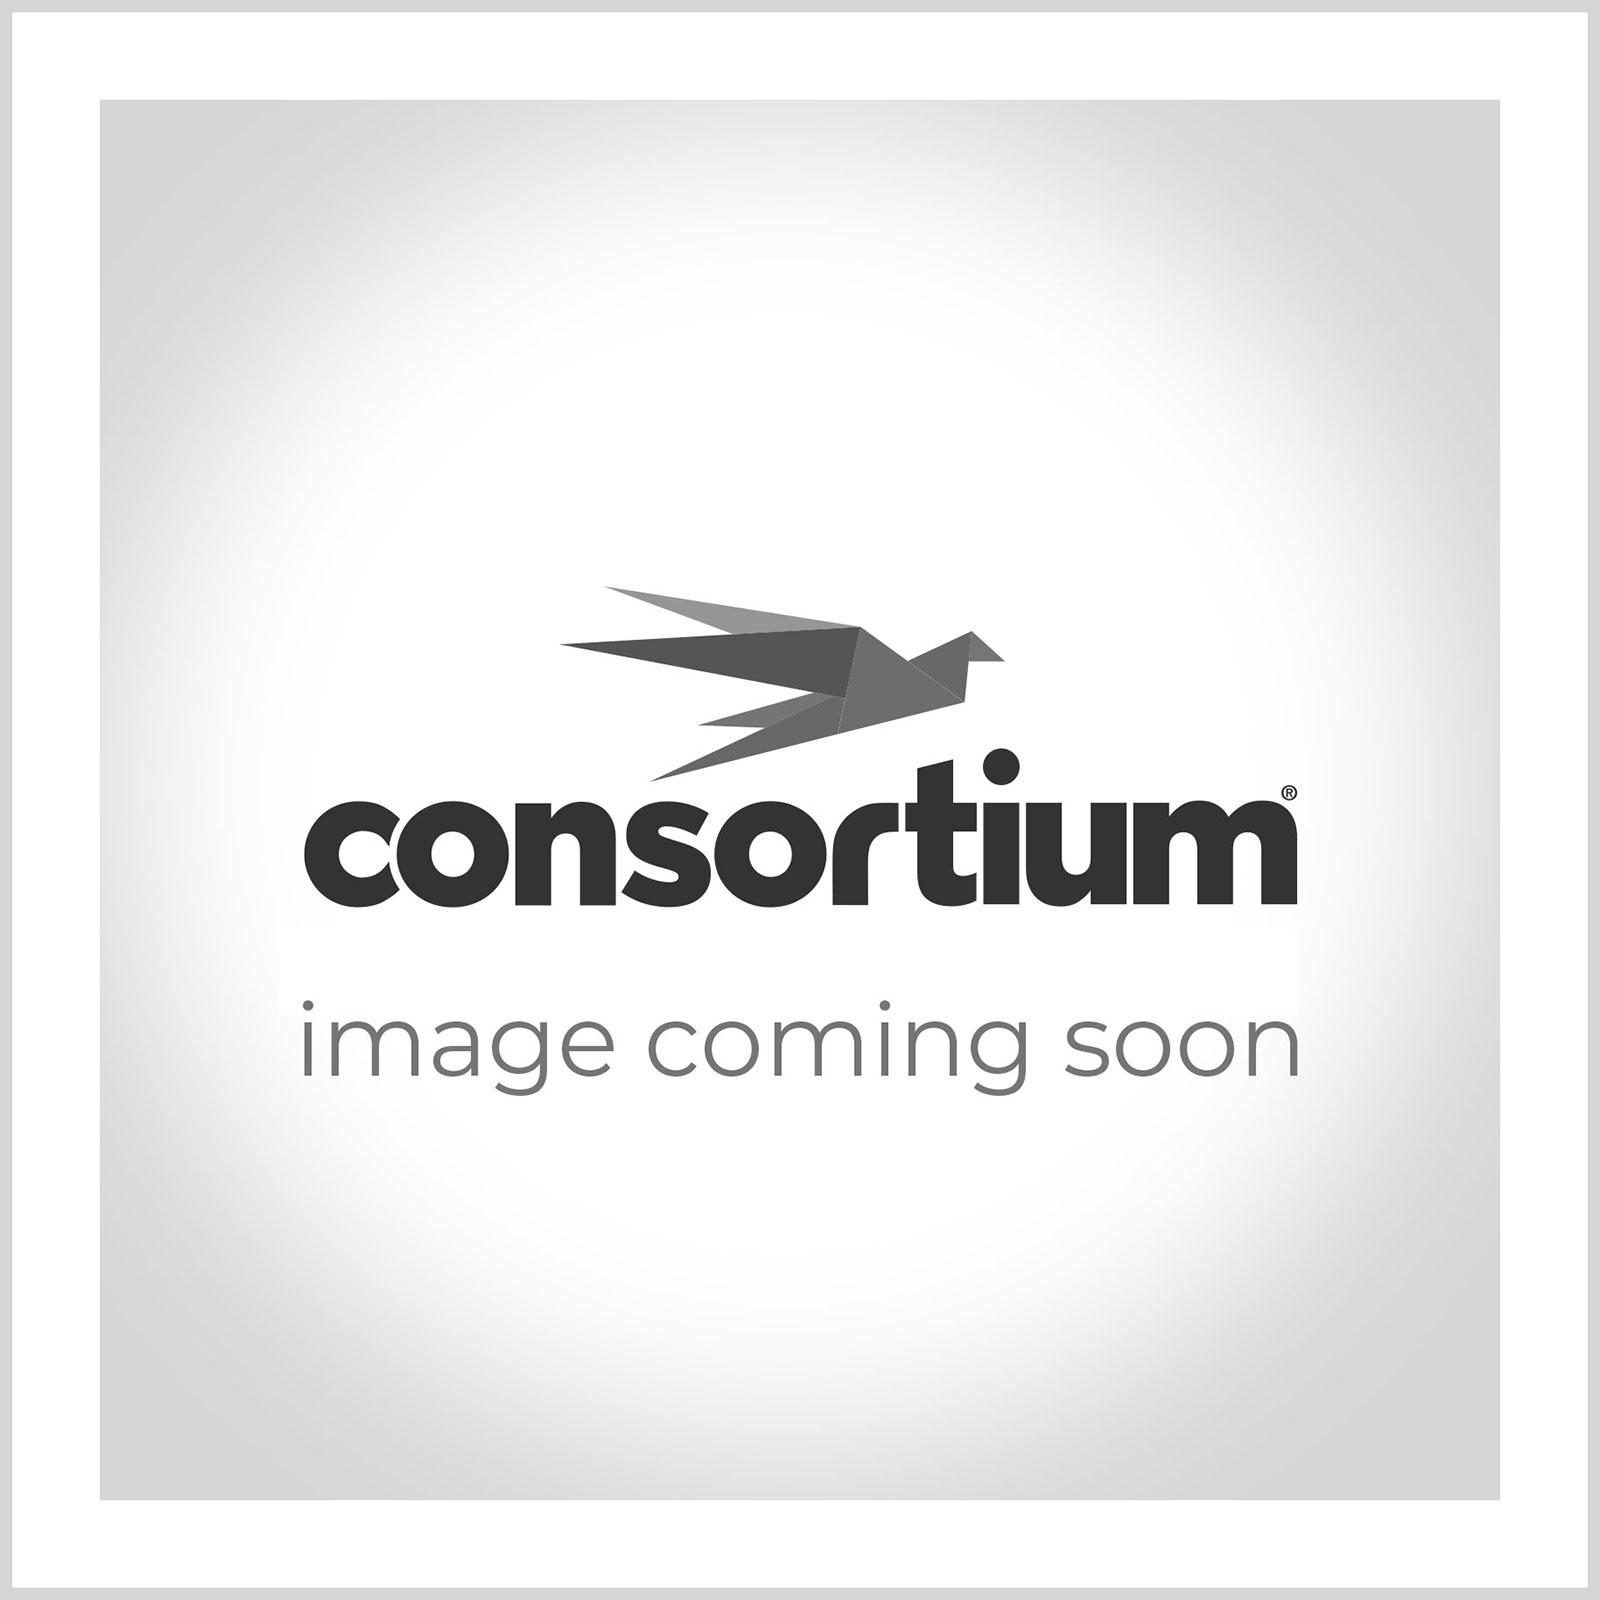 Postura Plus Classpack